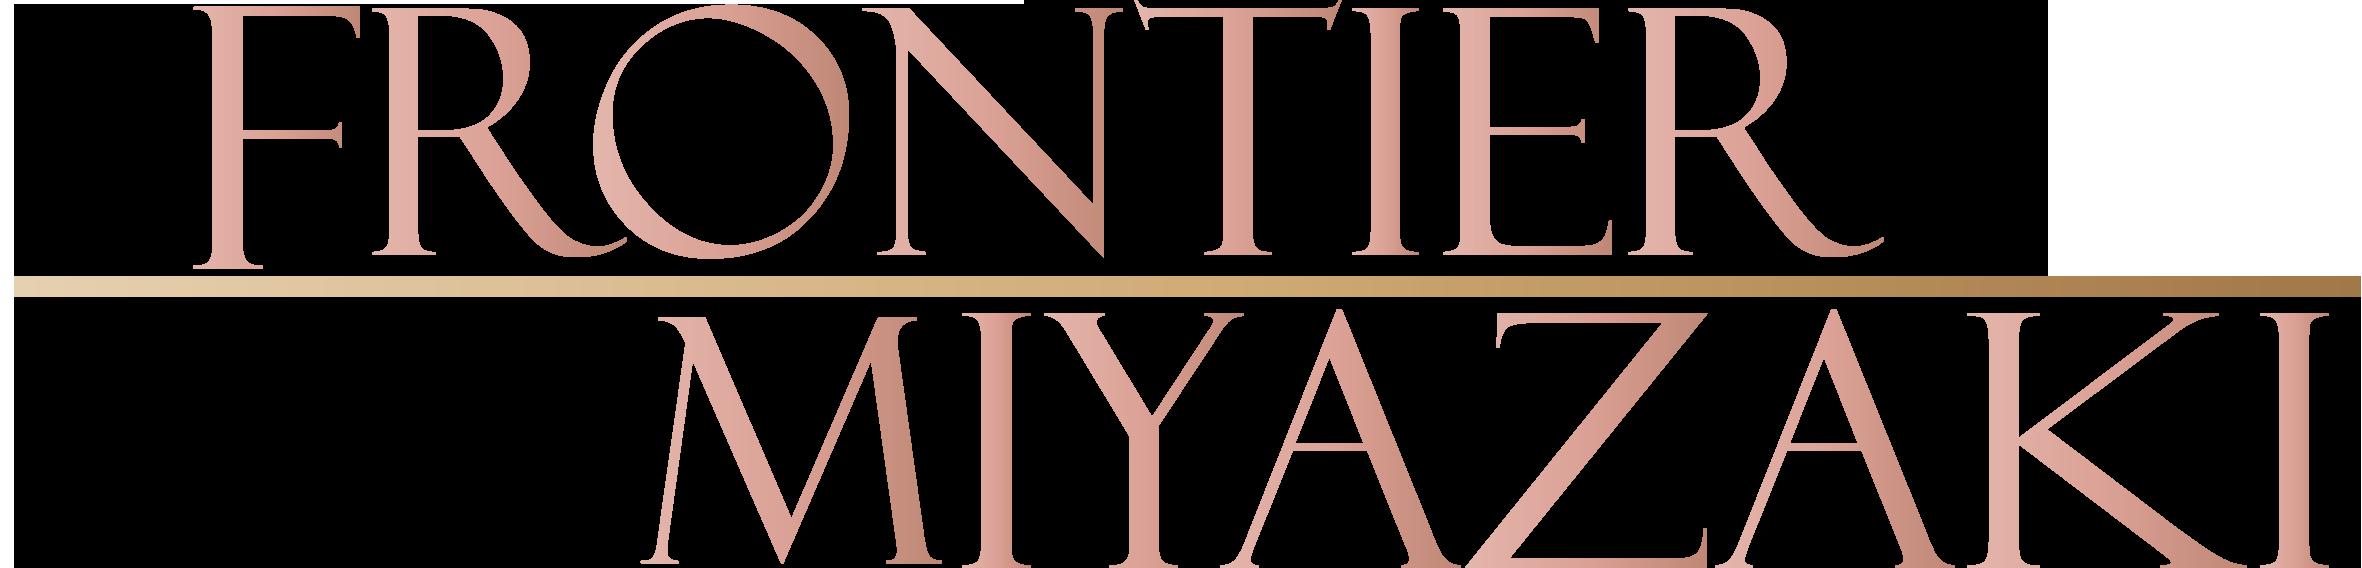 フロンティア宮崎の公式コーポレートサイト